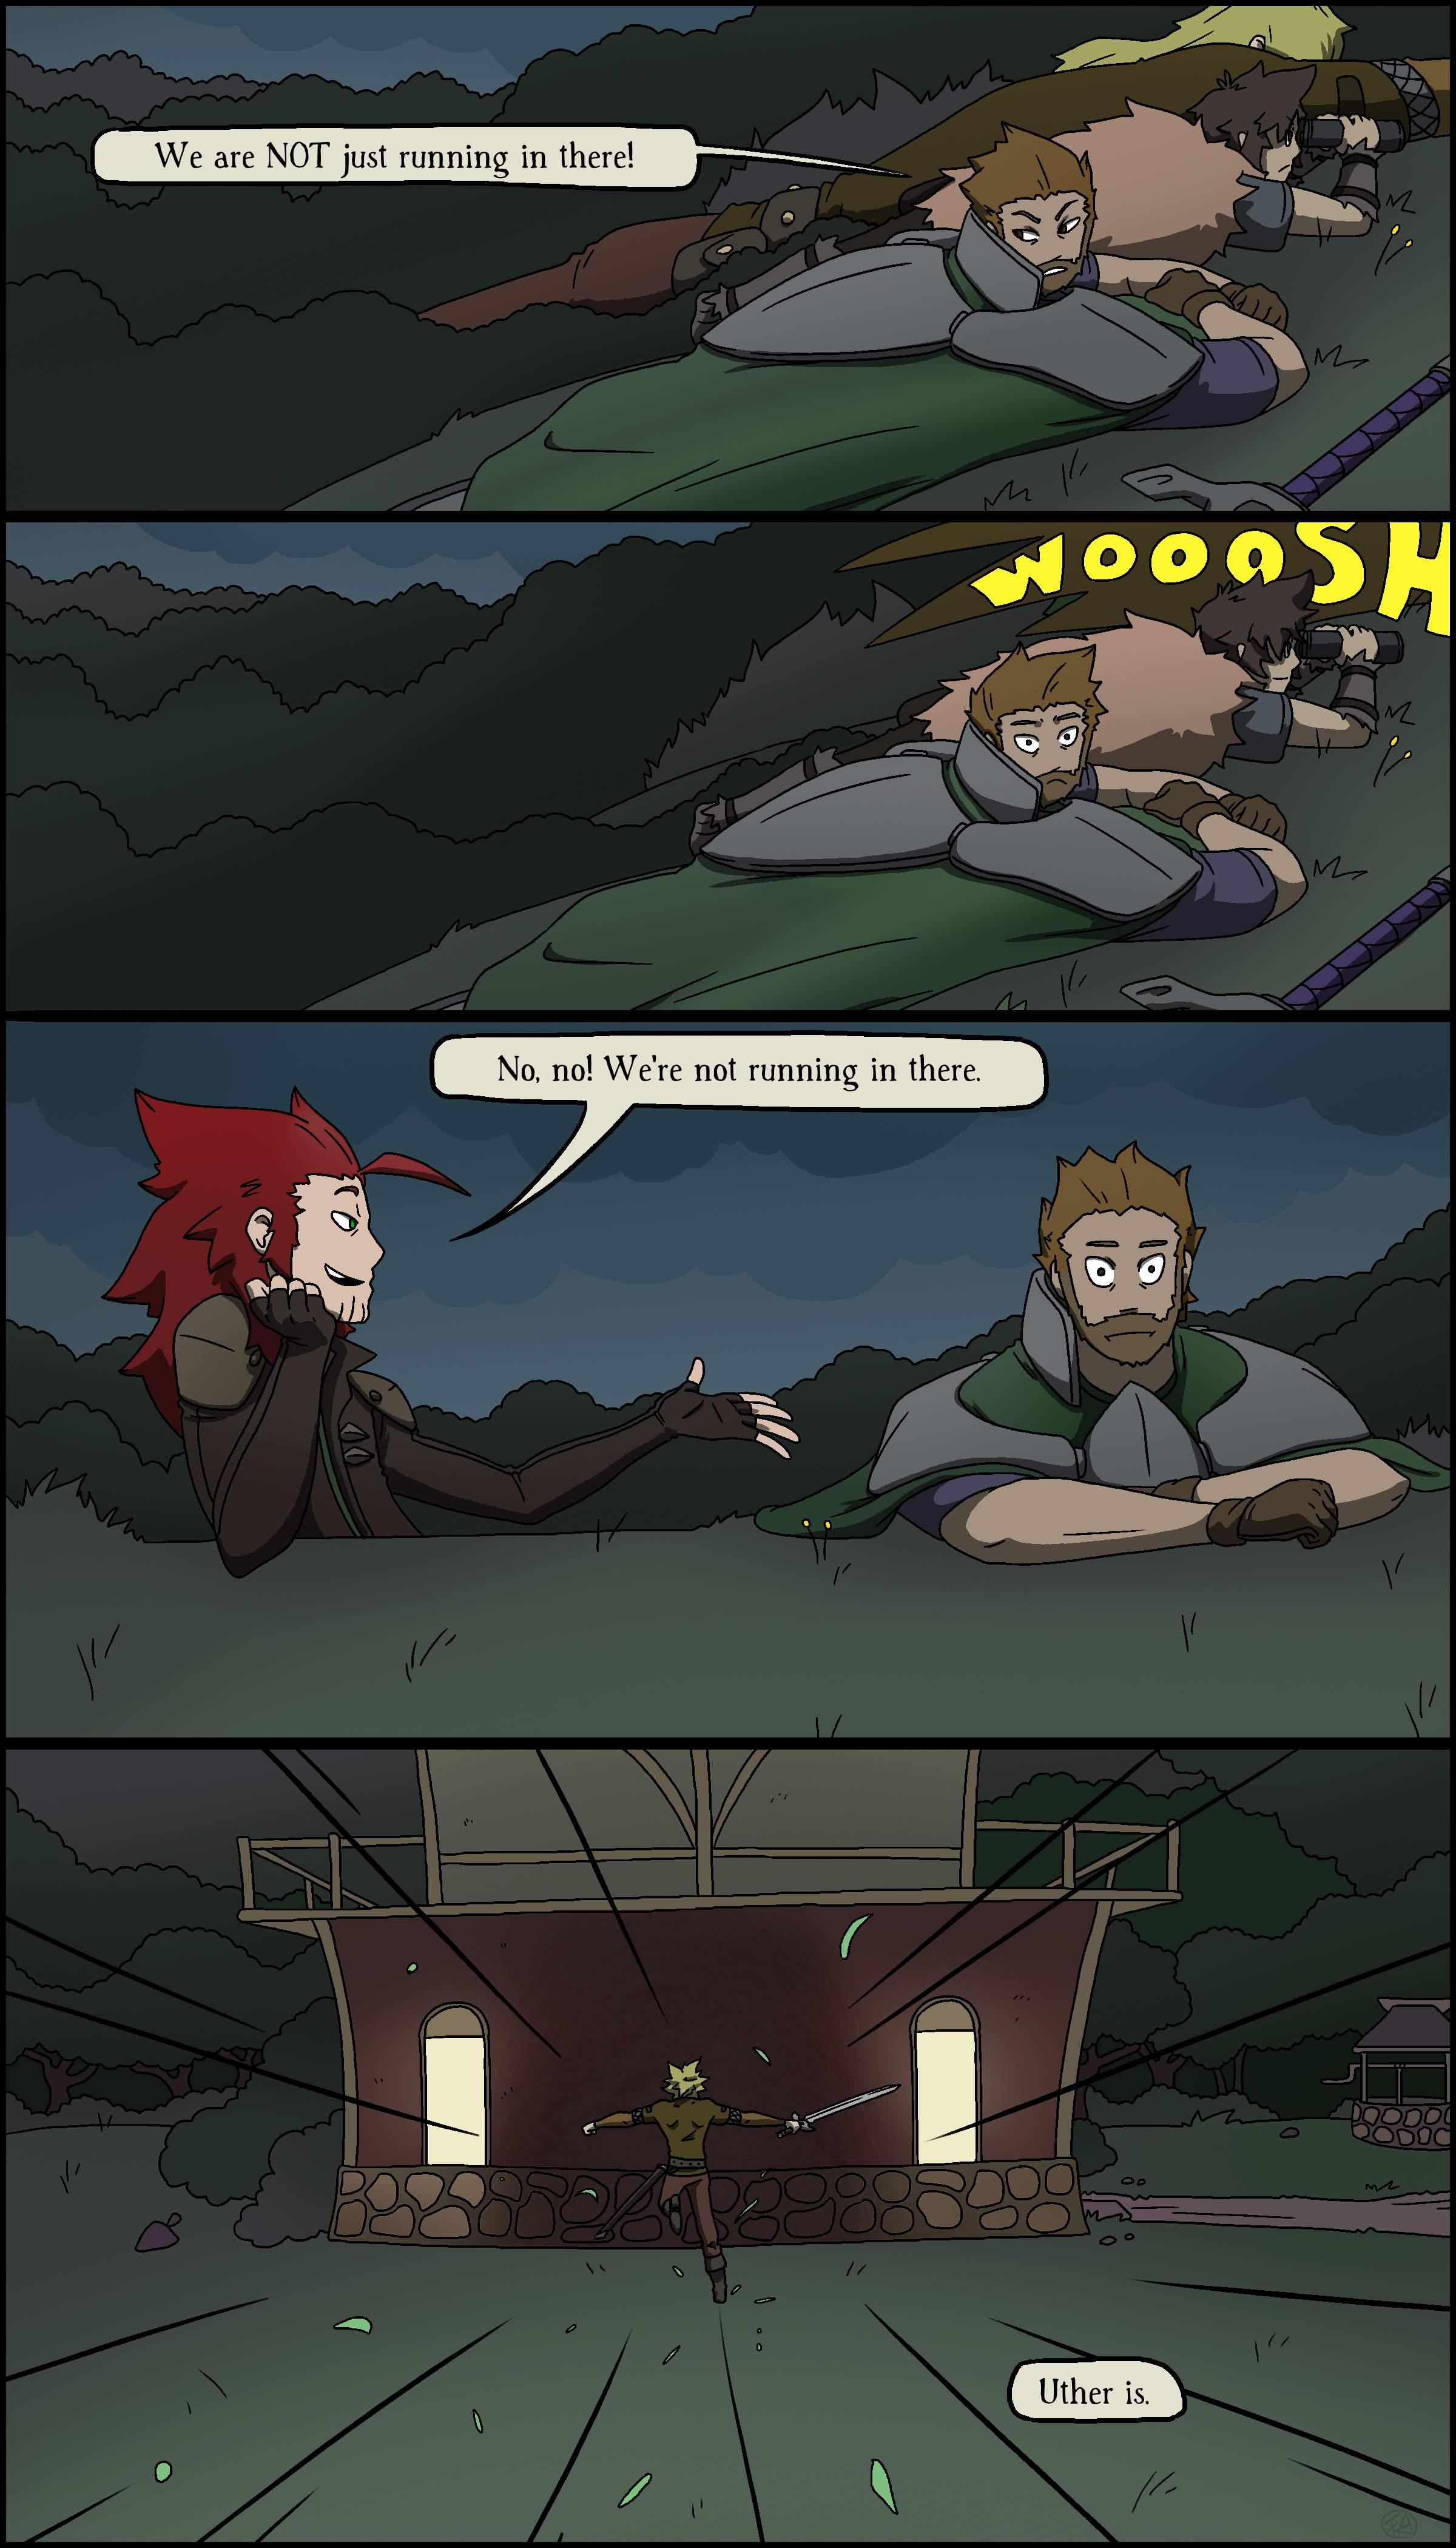 Poor Shepherd.